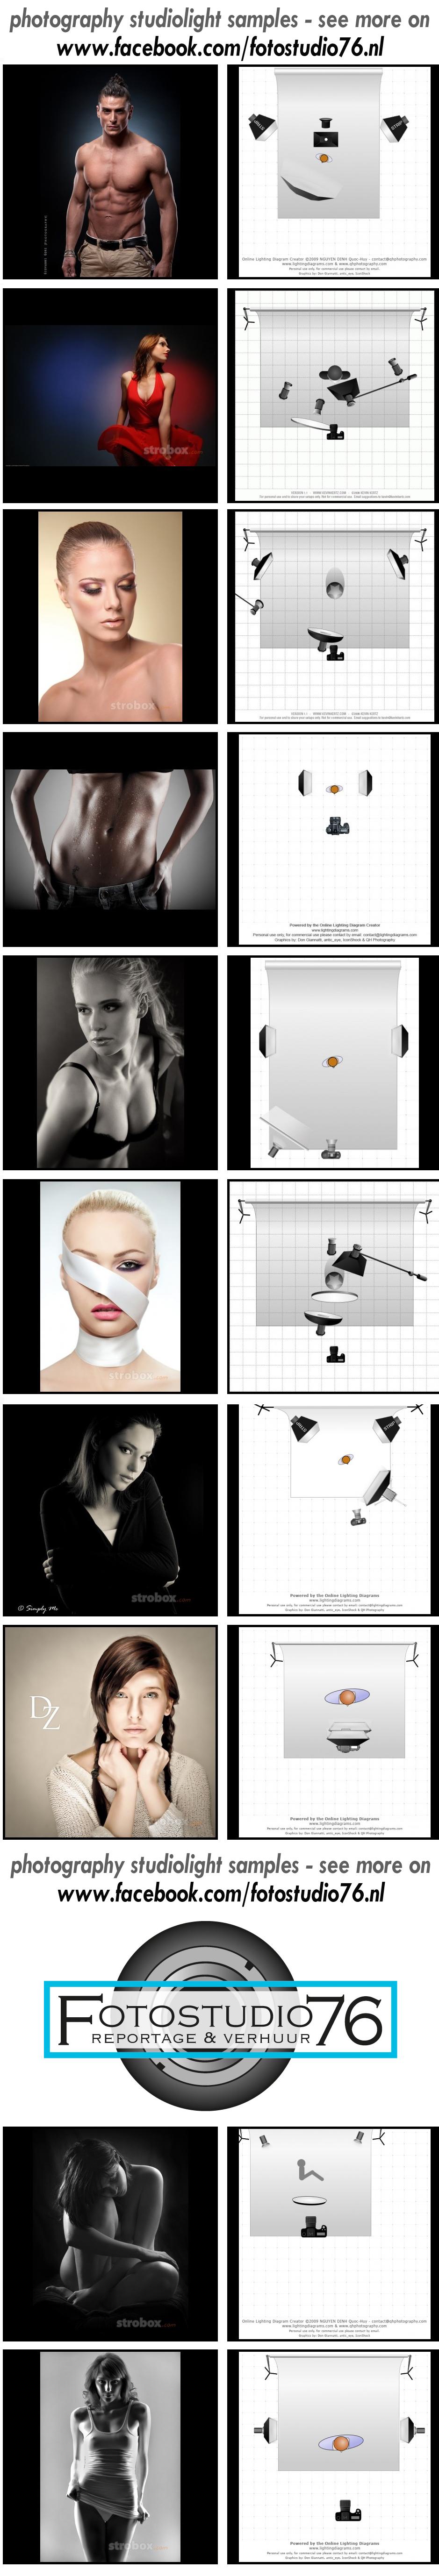 Inspiratie voor in de studio, nu moet het lukken om een vette foto te maken. Huur de studio vandaag nog of wordt fan van onze facebook pagina voor anderen honderden voorbeelden op www.facebook.com/fotostudio76.nl